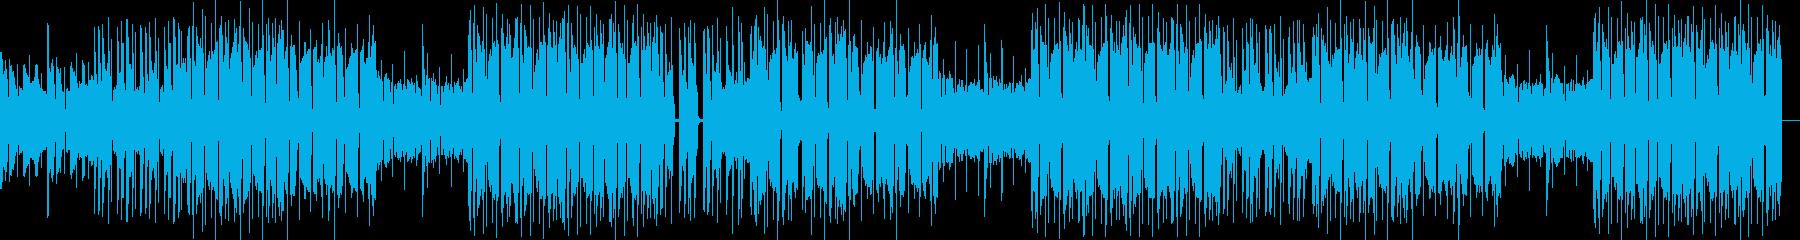 カッコイイ・ヒップホップ・トラップソウルの再生済みの波形